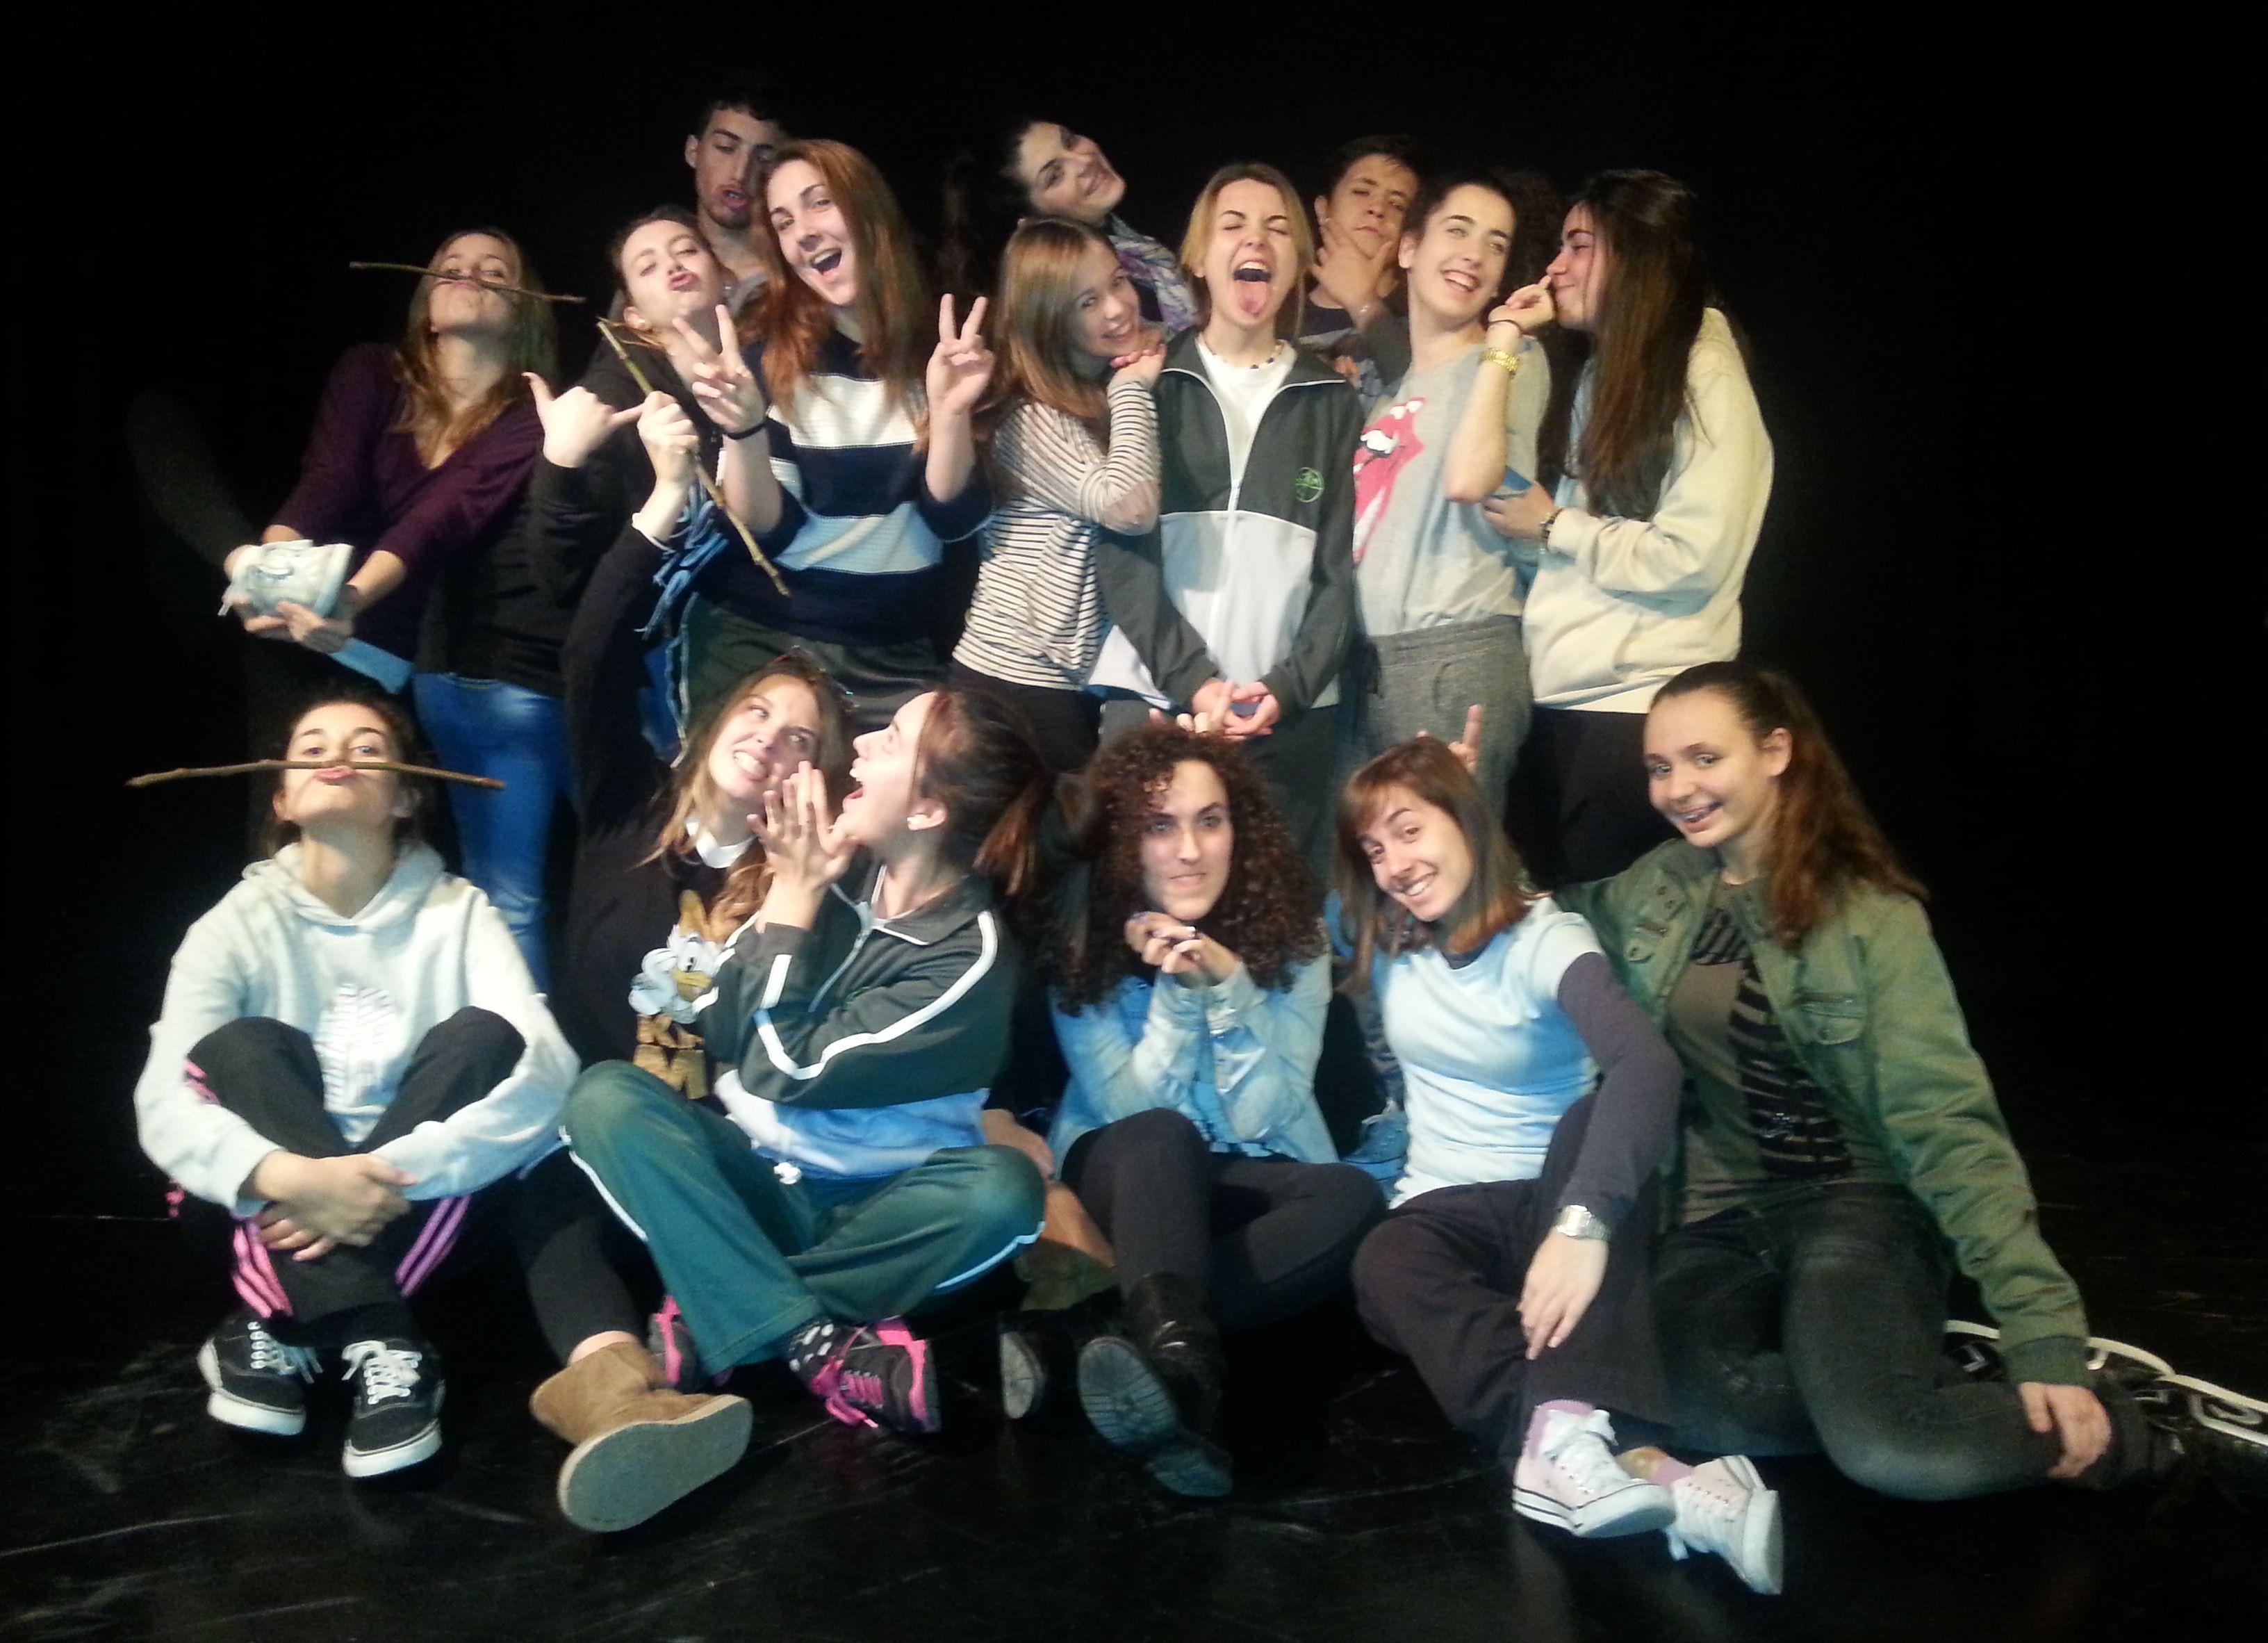 XXII Muestra de Teatro de Centros Docentes: Asociación Cultural Alezeiateatro ' Aequus libra. La última elegía'